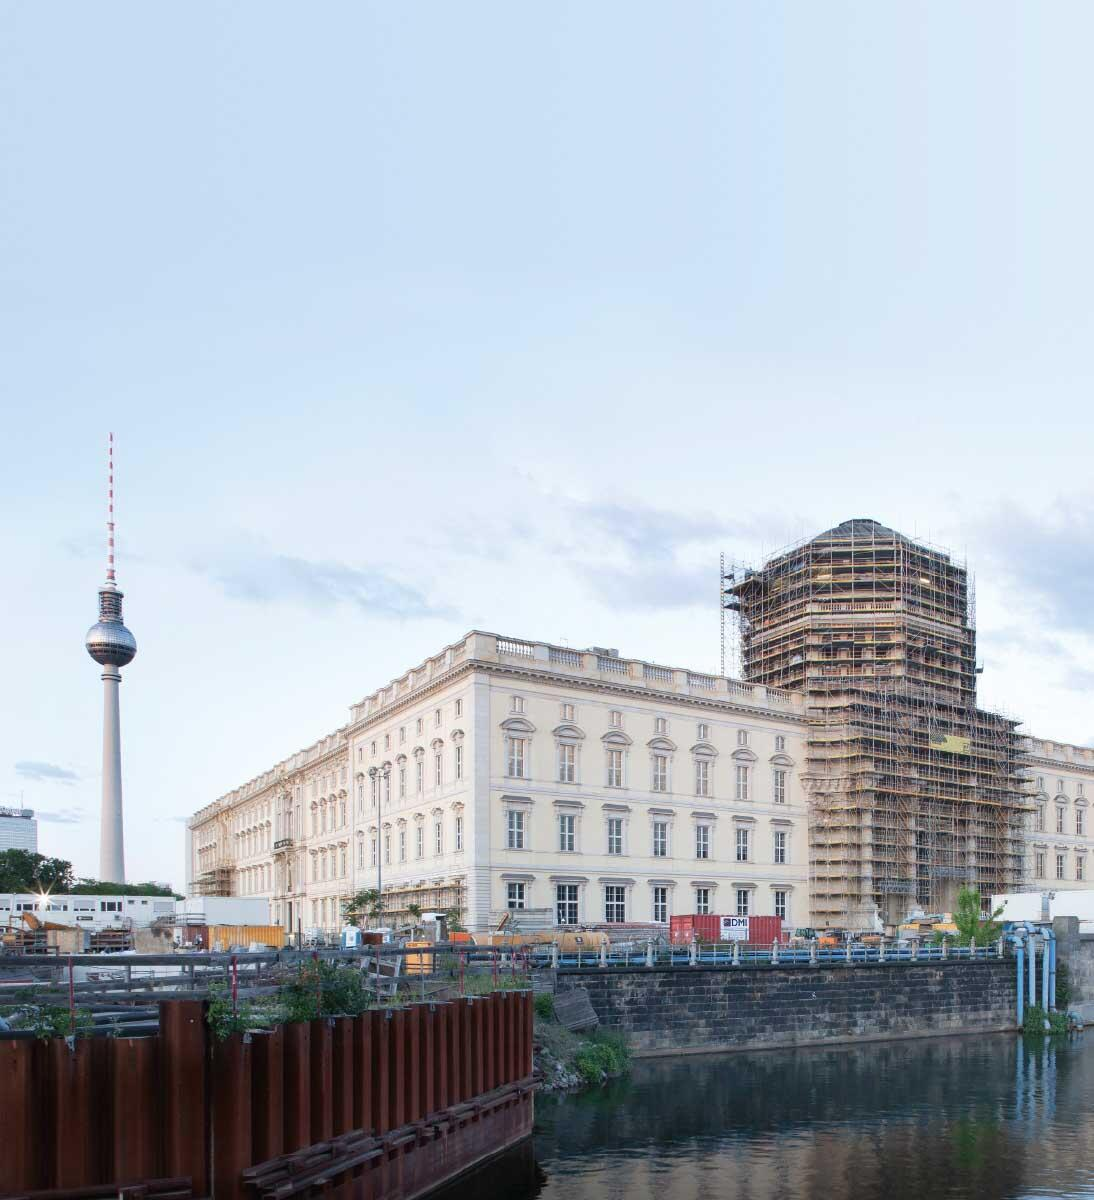 Wie selbstverständlich präsentiert sich das fast fertige Schloss in der Stadt. Westfassade mit Kuppel Bild: Luca Girardini